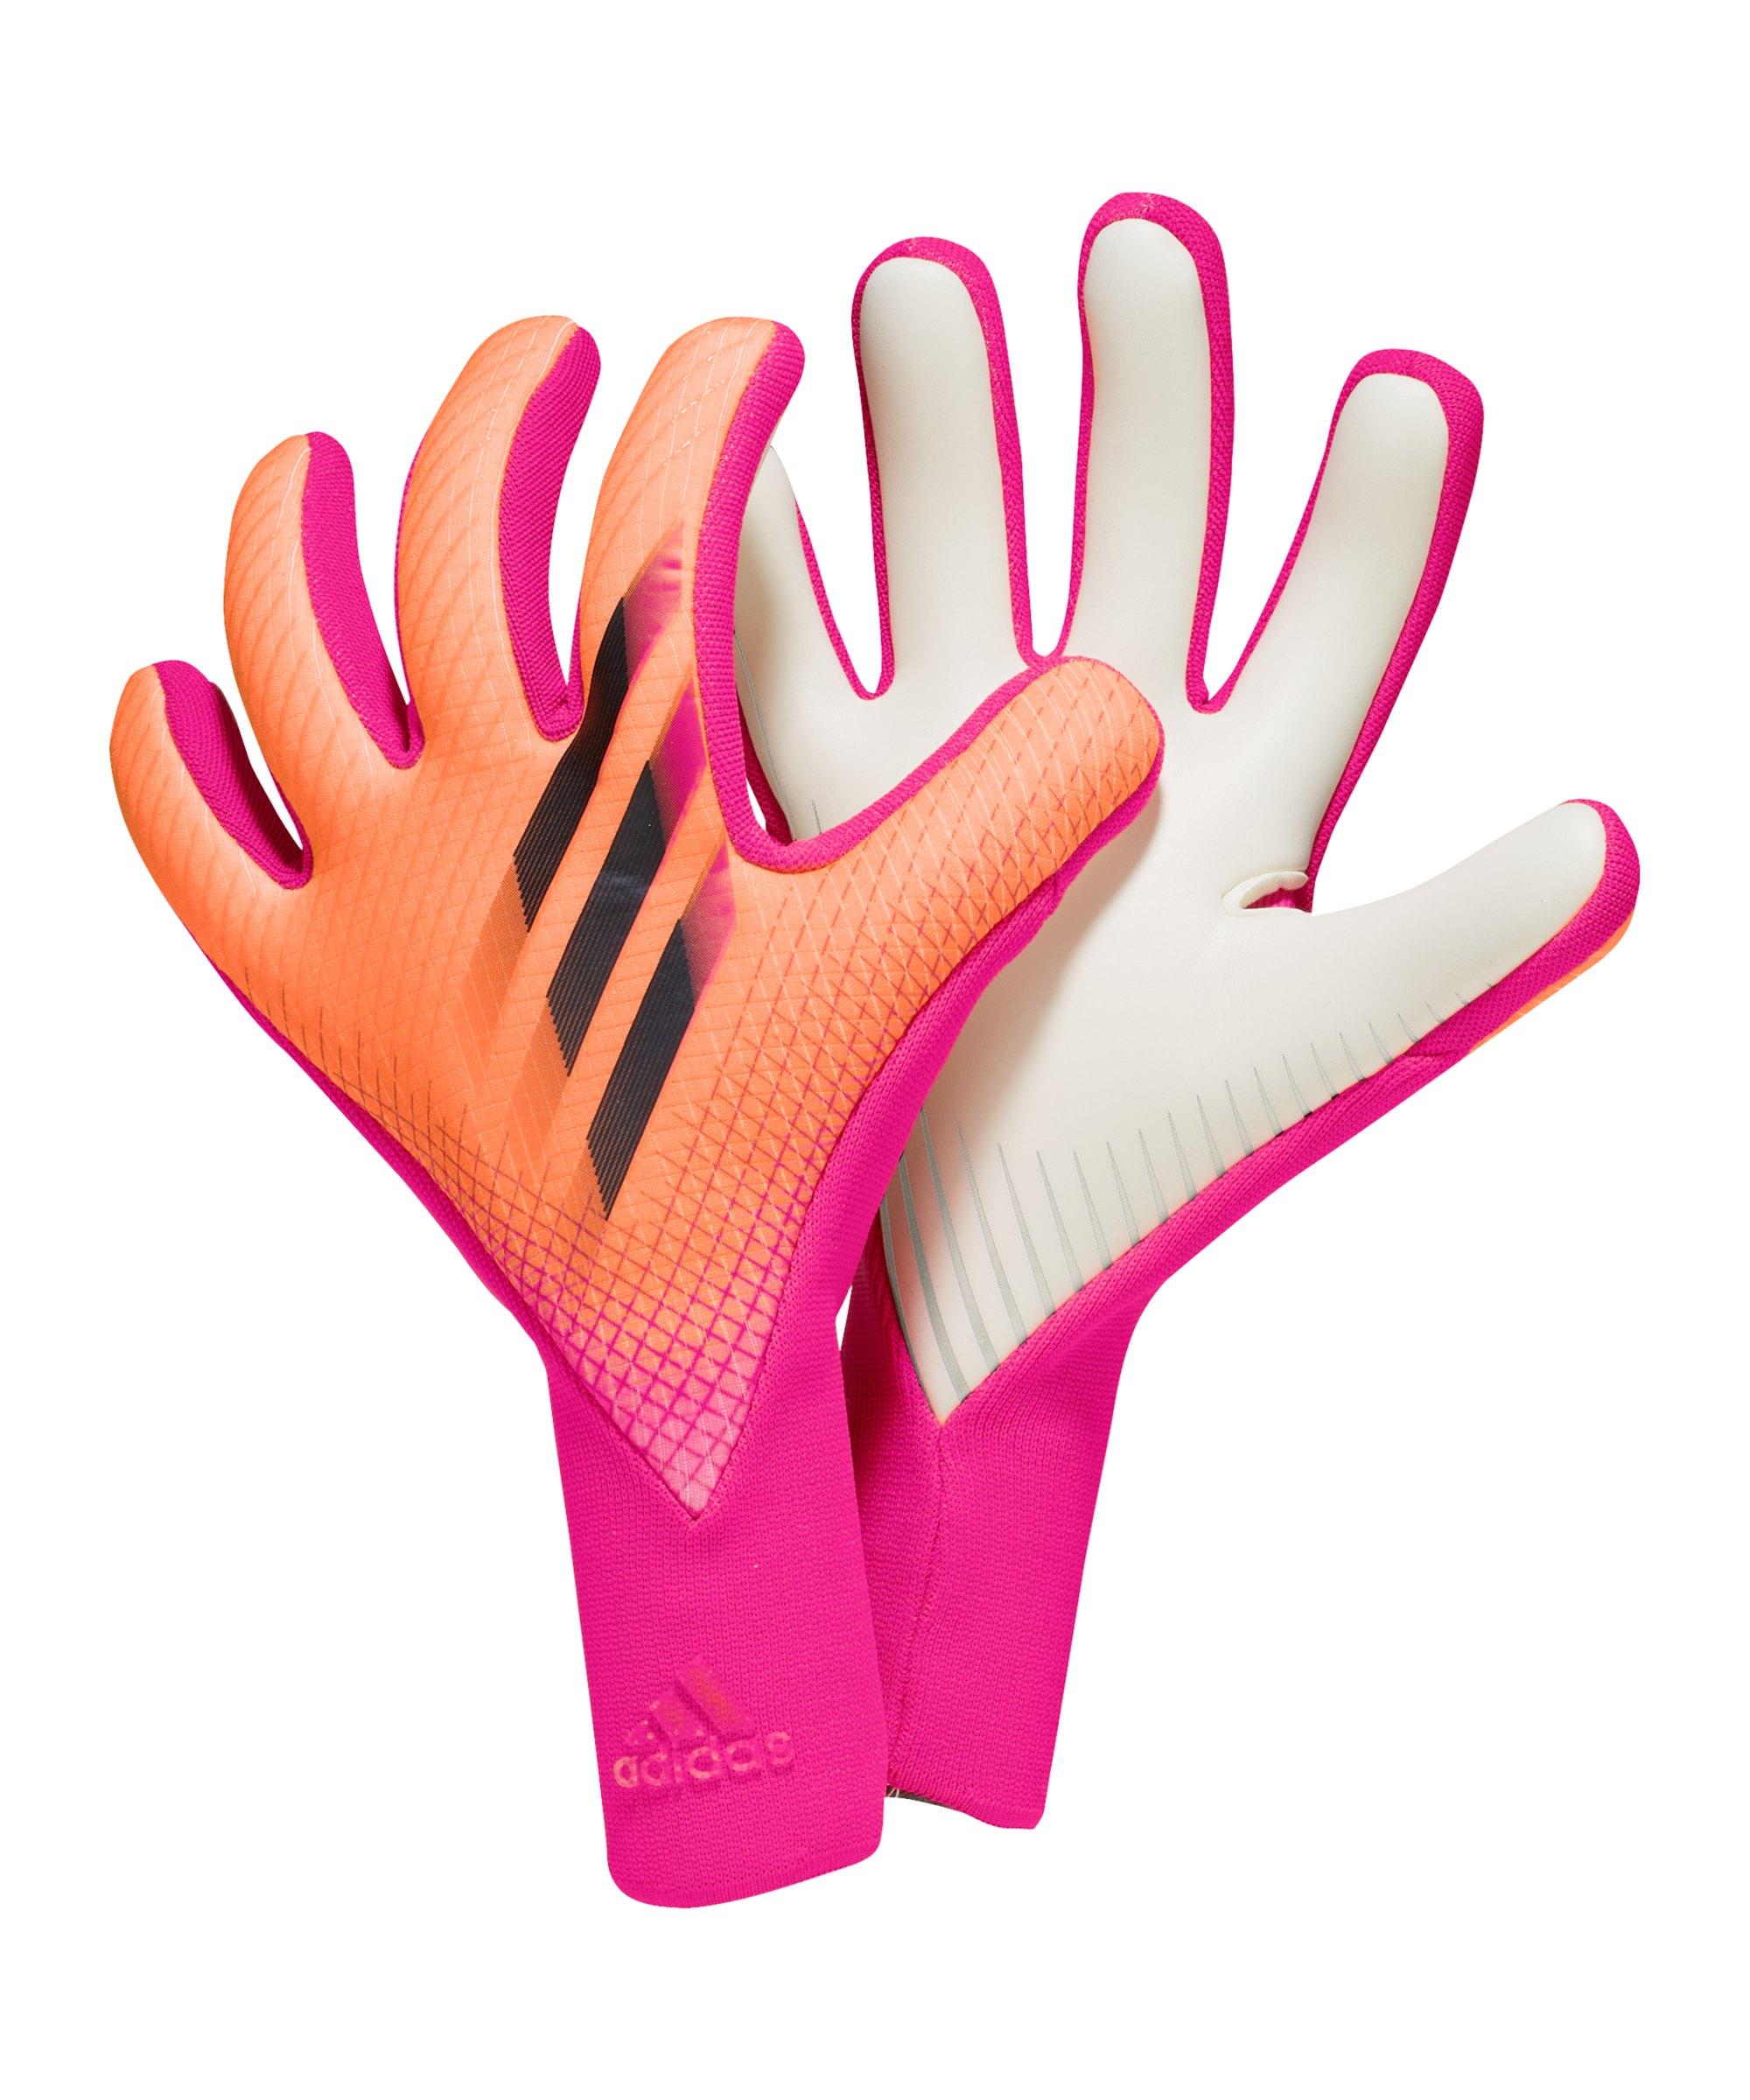 adidas X Pro Superspectral Torwarthandschuh Pink Schwarz - pink